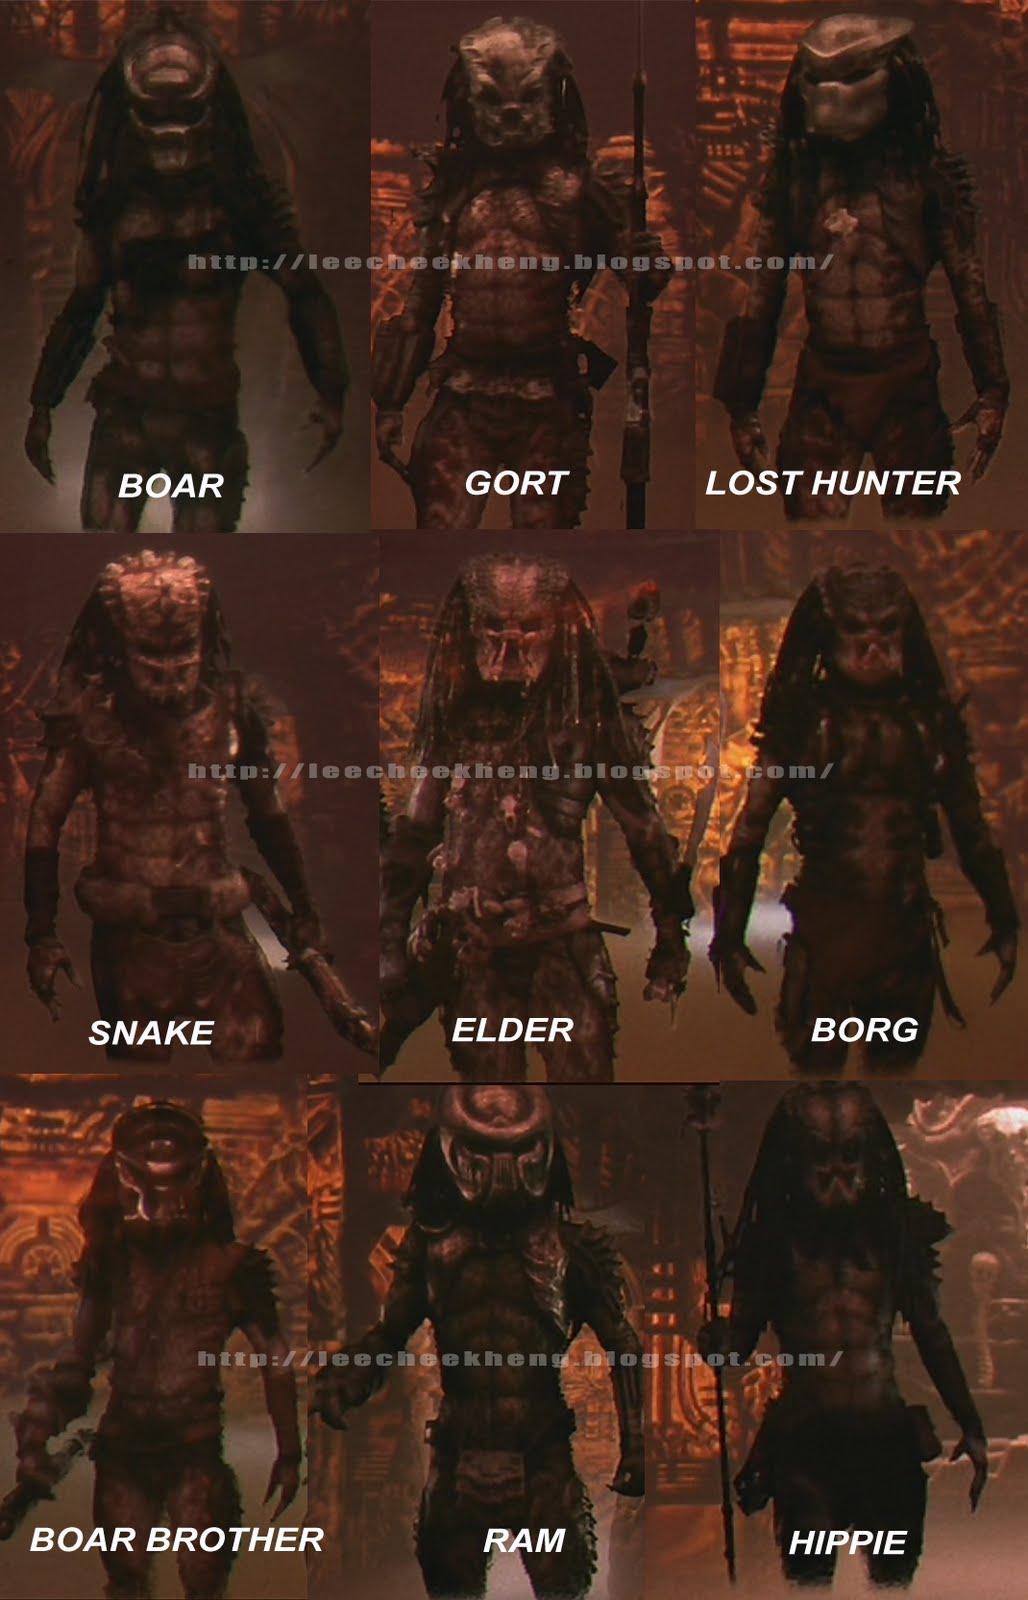 [NECA] [Tópico Oficial] PREDADORES - SDCC Exclusive: Dark Horse Comics - Ahab Predator - Página 9 Lostclan